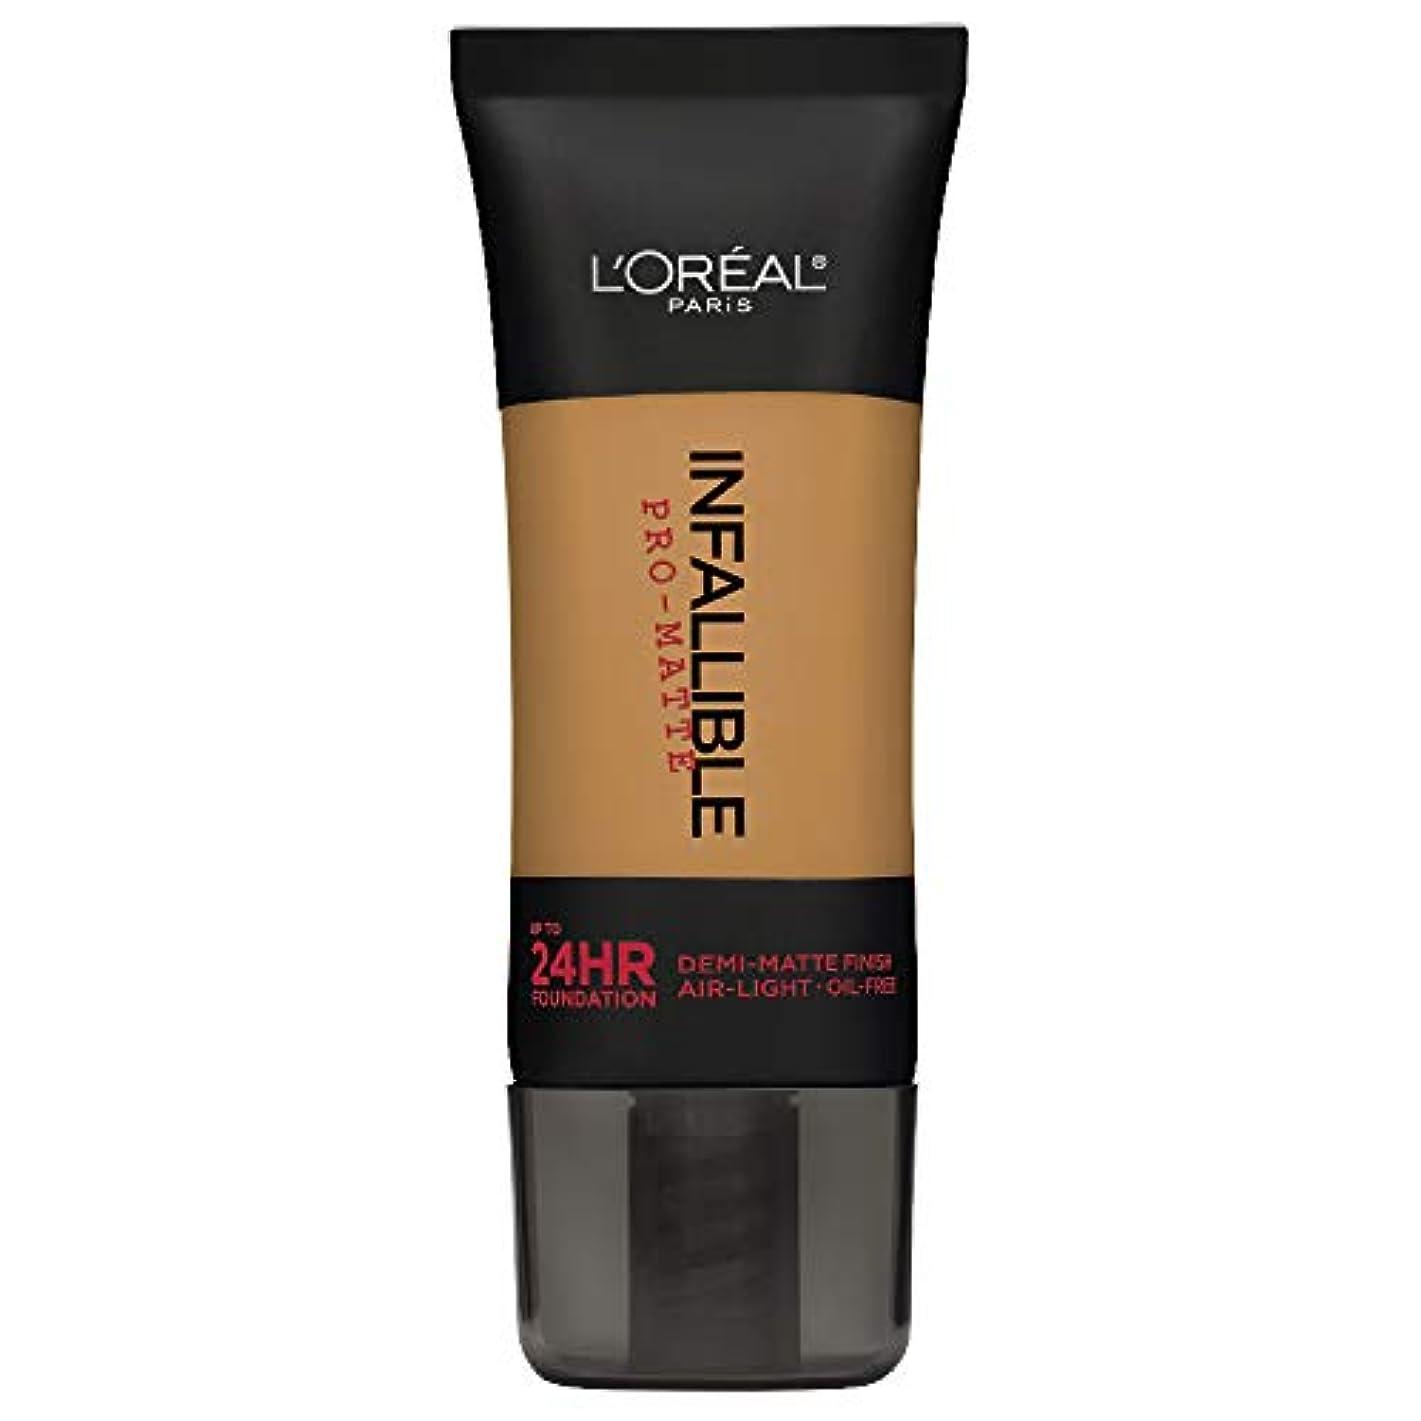 不十分な多年生矛盾するL'Oreal Paris Infallible Pro-Matte Foundation Makeup, 109 Classic Tan, 1 fl. oz[並行輸入品]